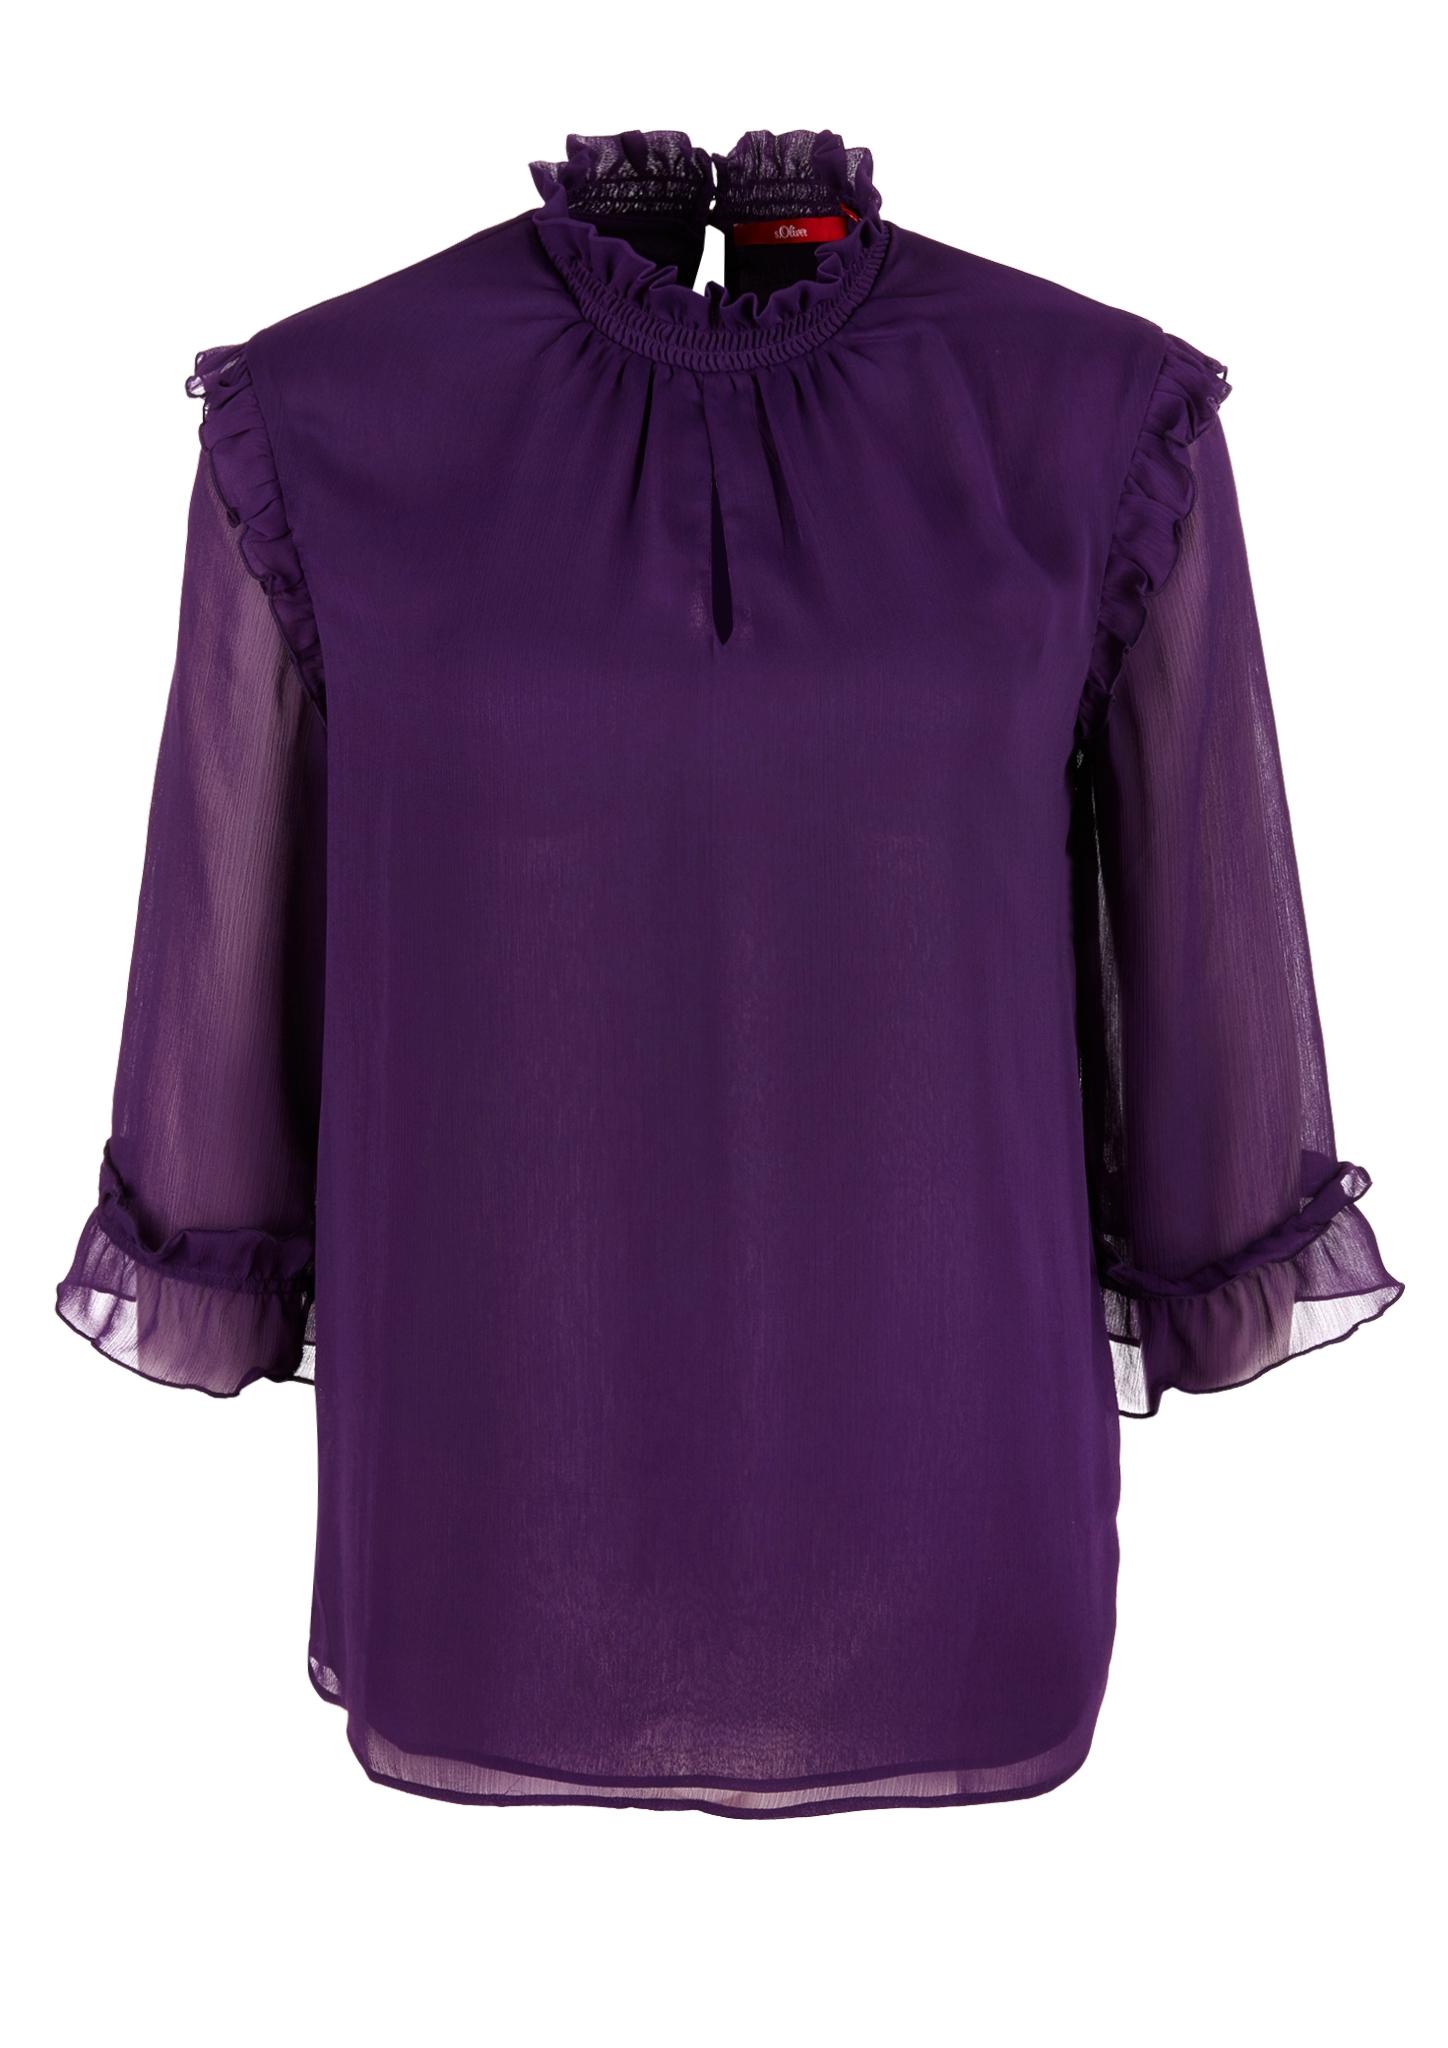 Rüschenbluse   Bekleidung > Blusen > Rüschenblusen   Pink   100% polyester   s.Oliver